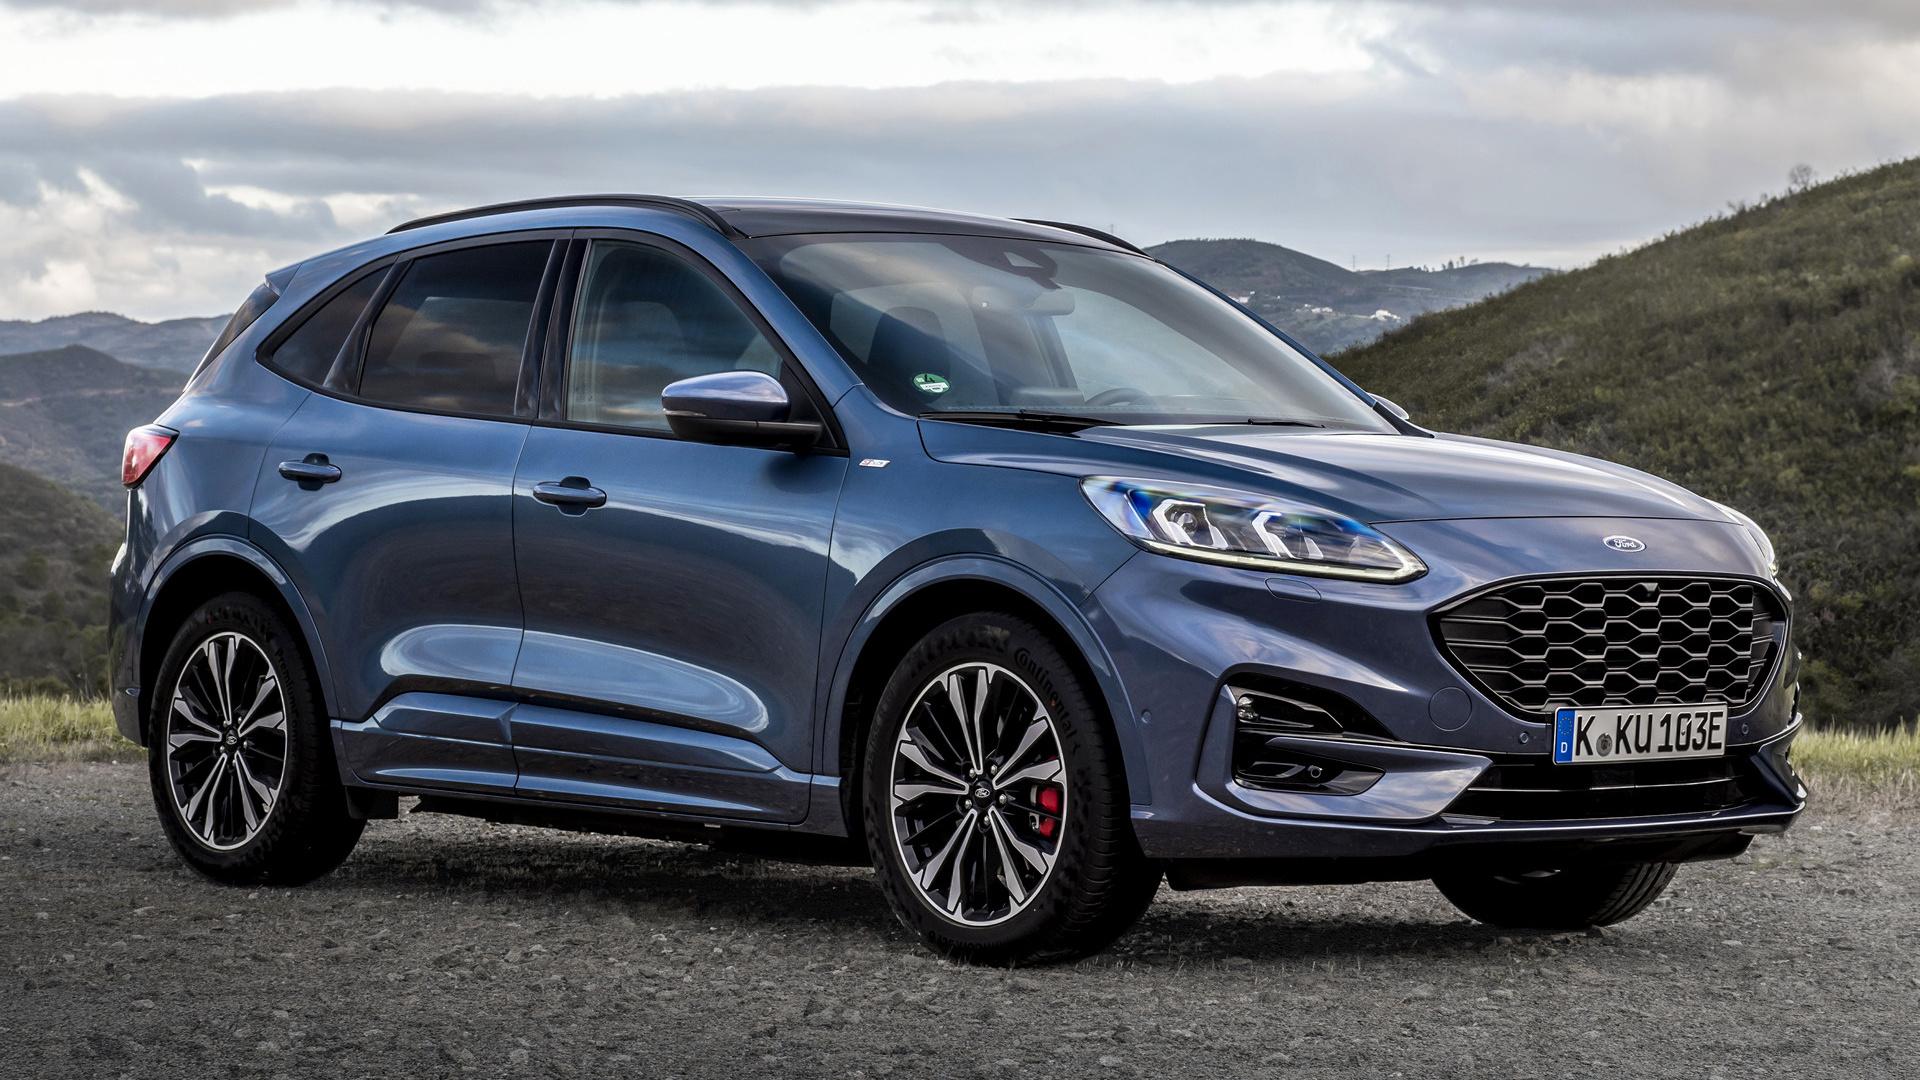 2020 Ford Kuga Plug-In Hybrid ST-Line - Fonds d'écran et ...